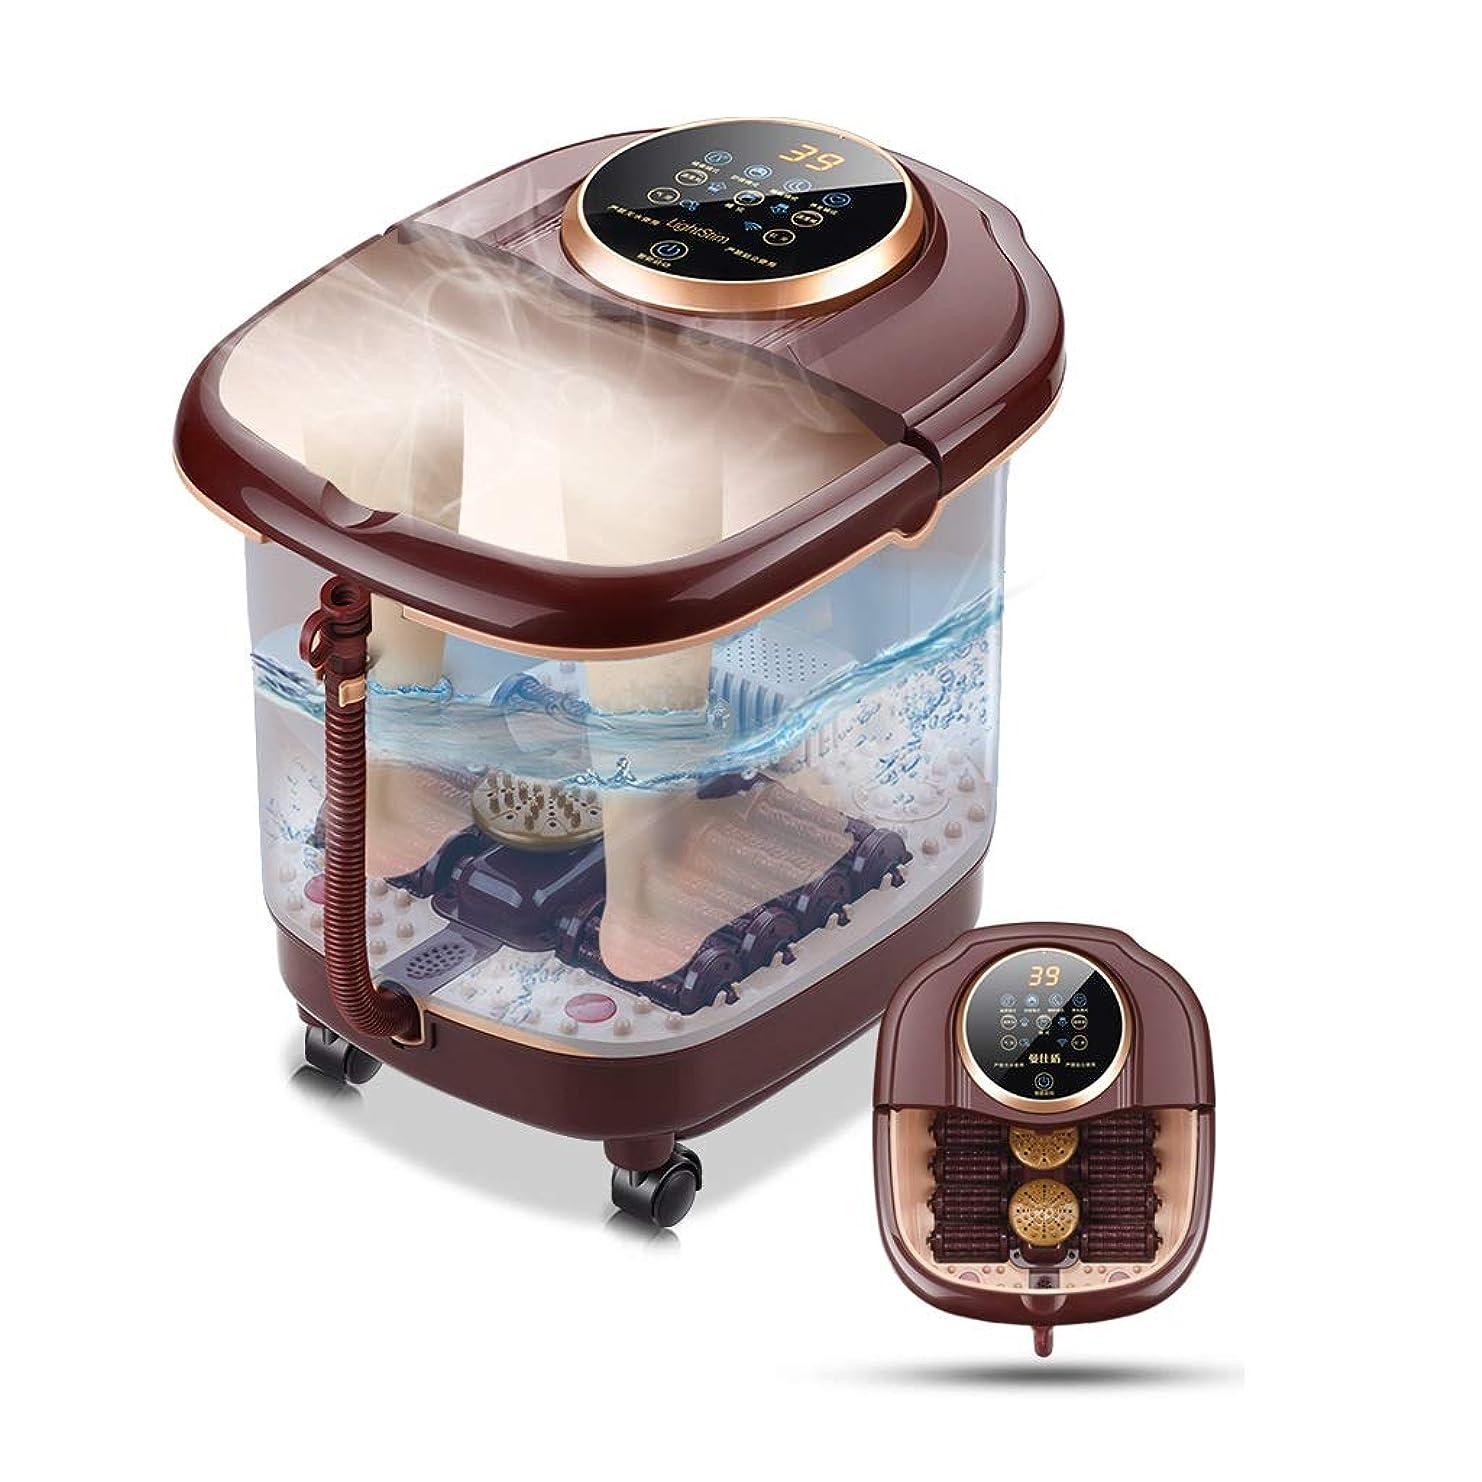 カヌーやろうバンカー温浴、マッサージローラー、泡、デジタル調節可能な温度制御付きフットスパマッサージ